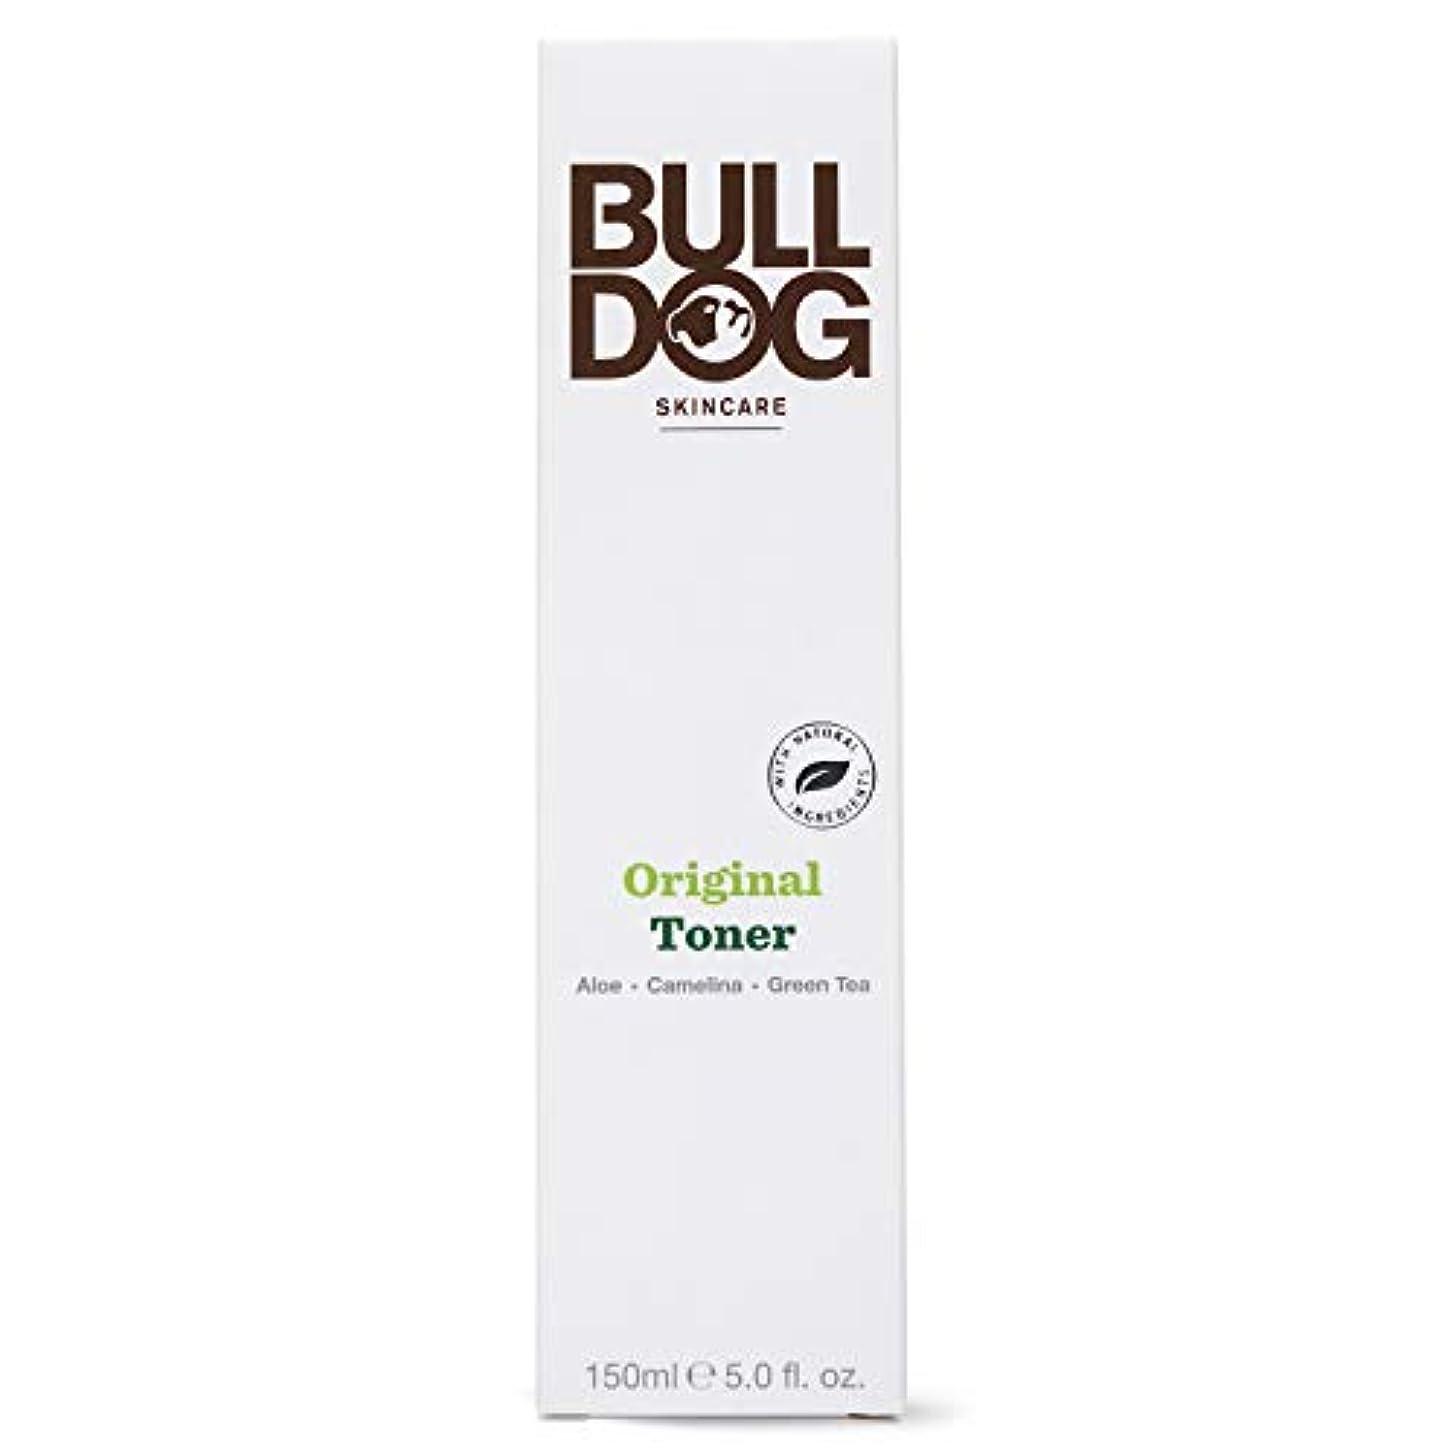 属性ポジティブ反論者Bulldog(ブルドッグ) ブルドッグ Bulldog オリジナル トナー 化粧水 150ml 肌をすっきり なめらかに